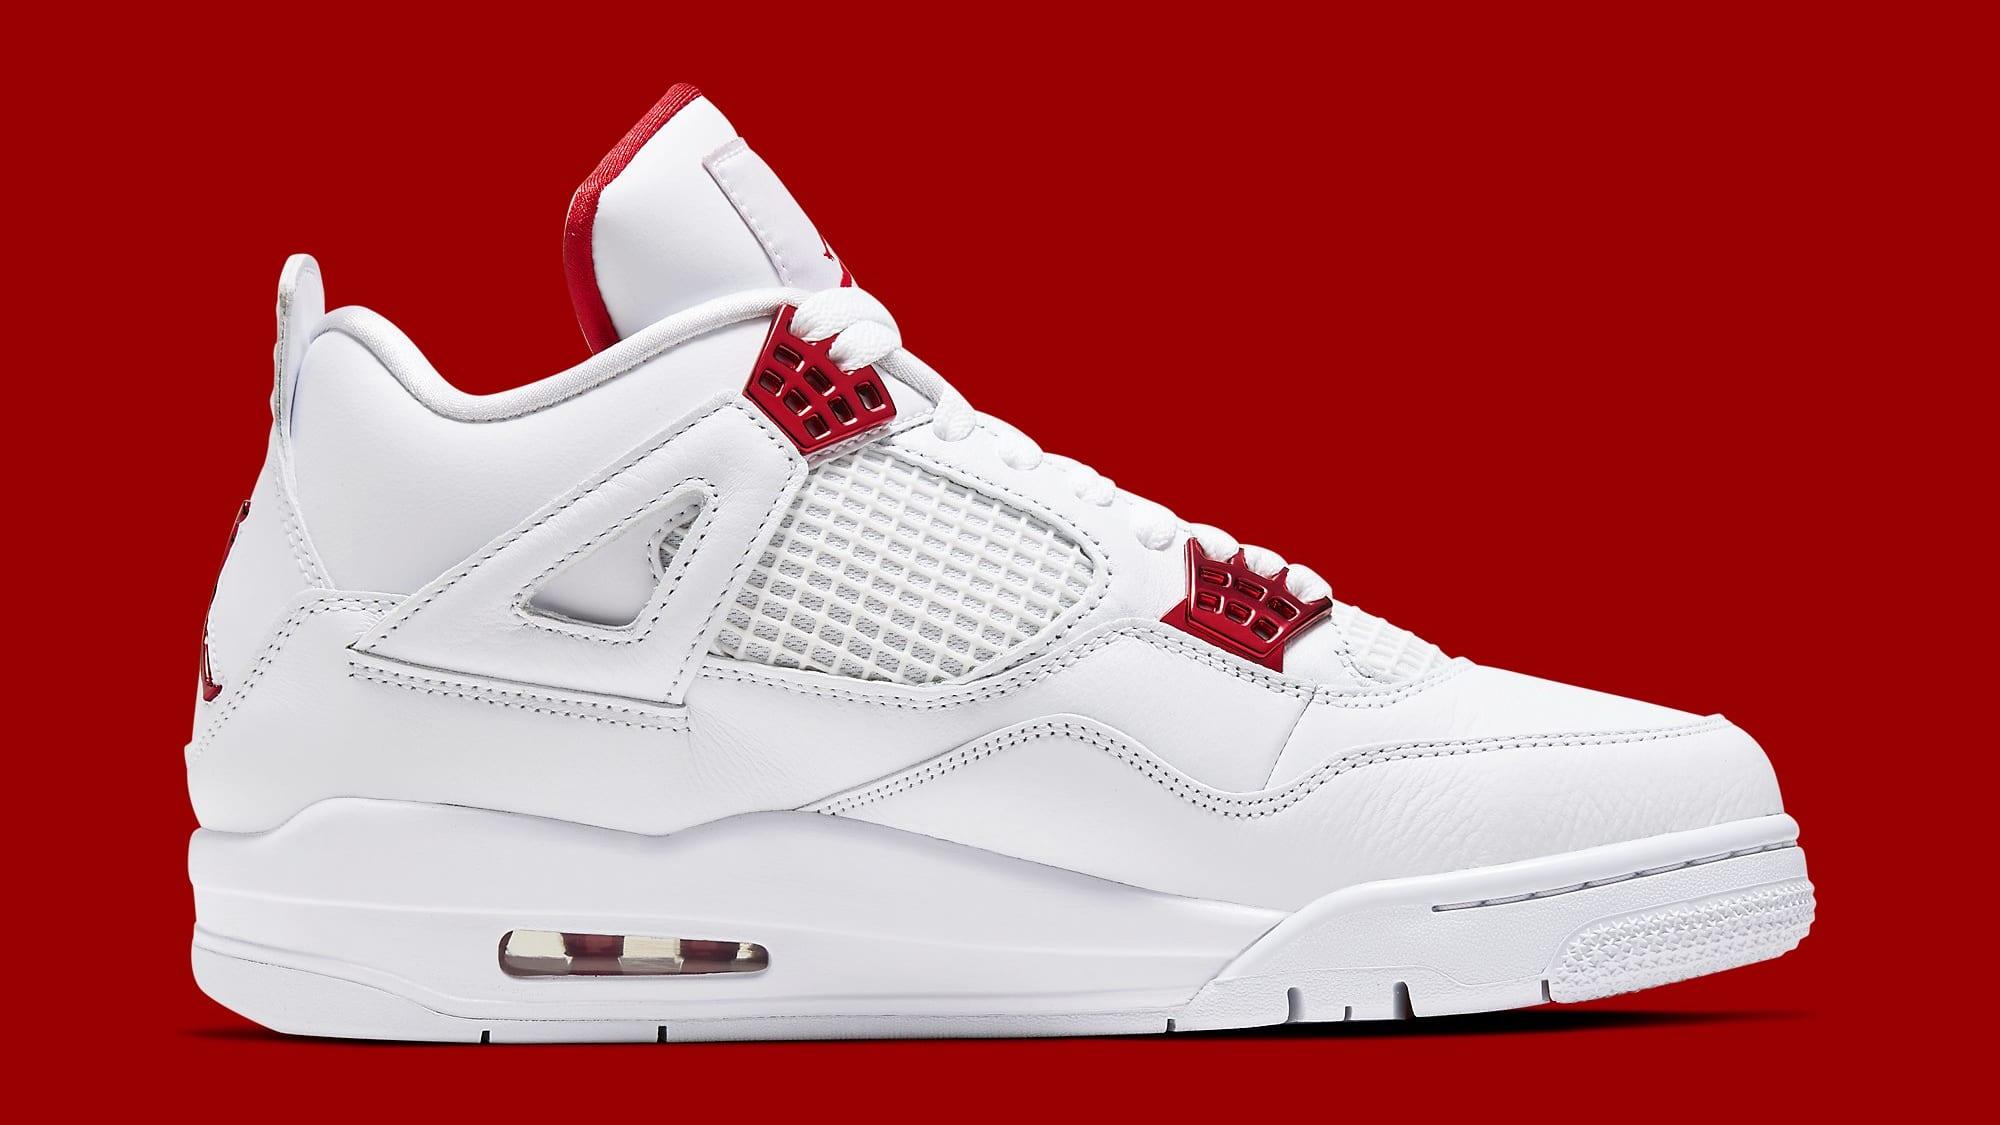 Air Jordan 4 Metallic Red Release Date CT8527-112 Medial